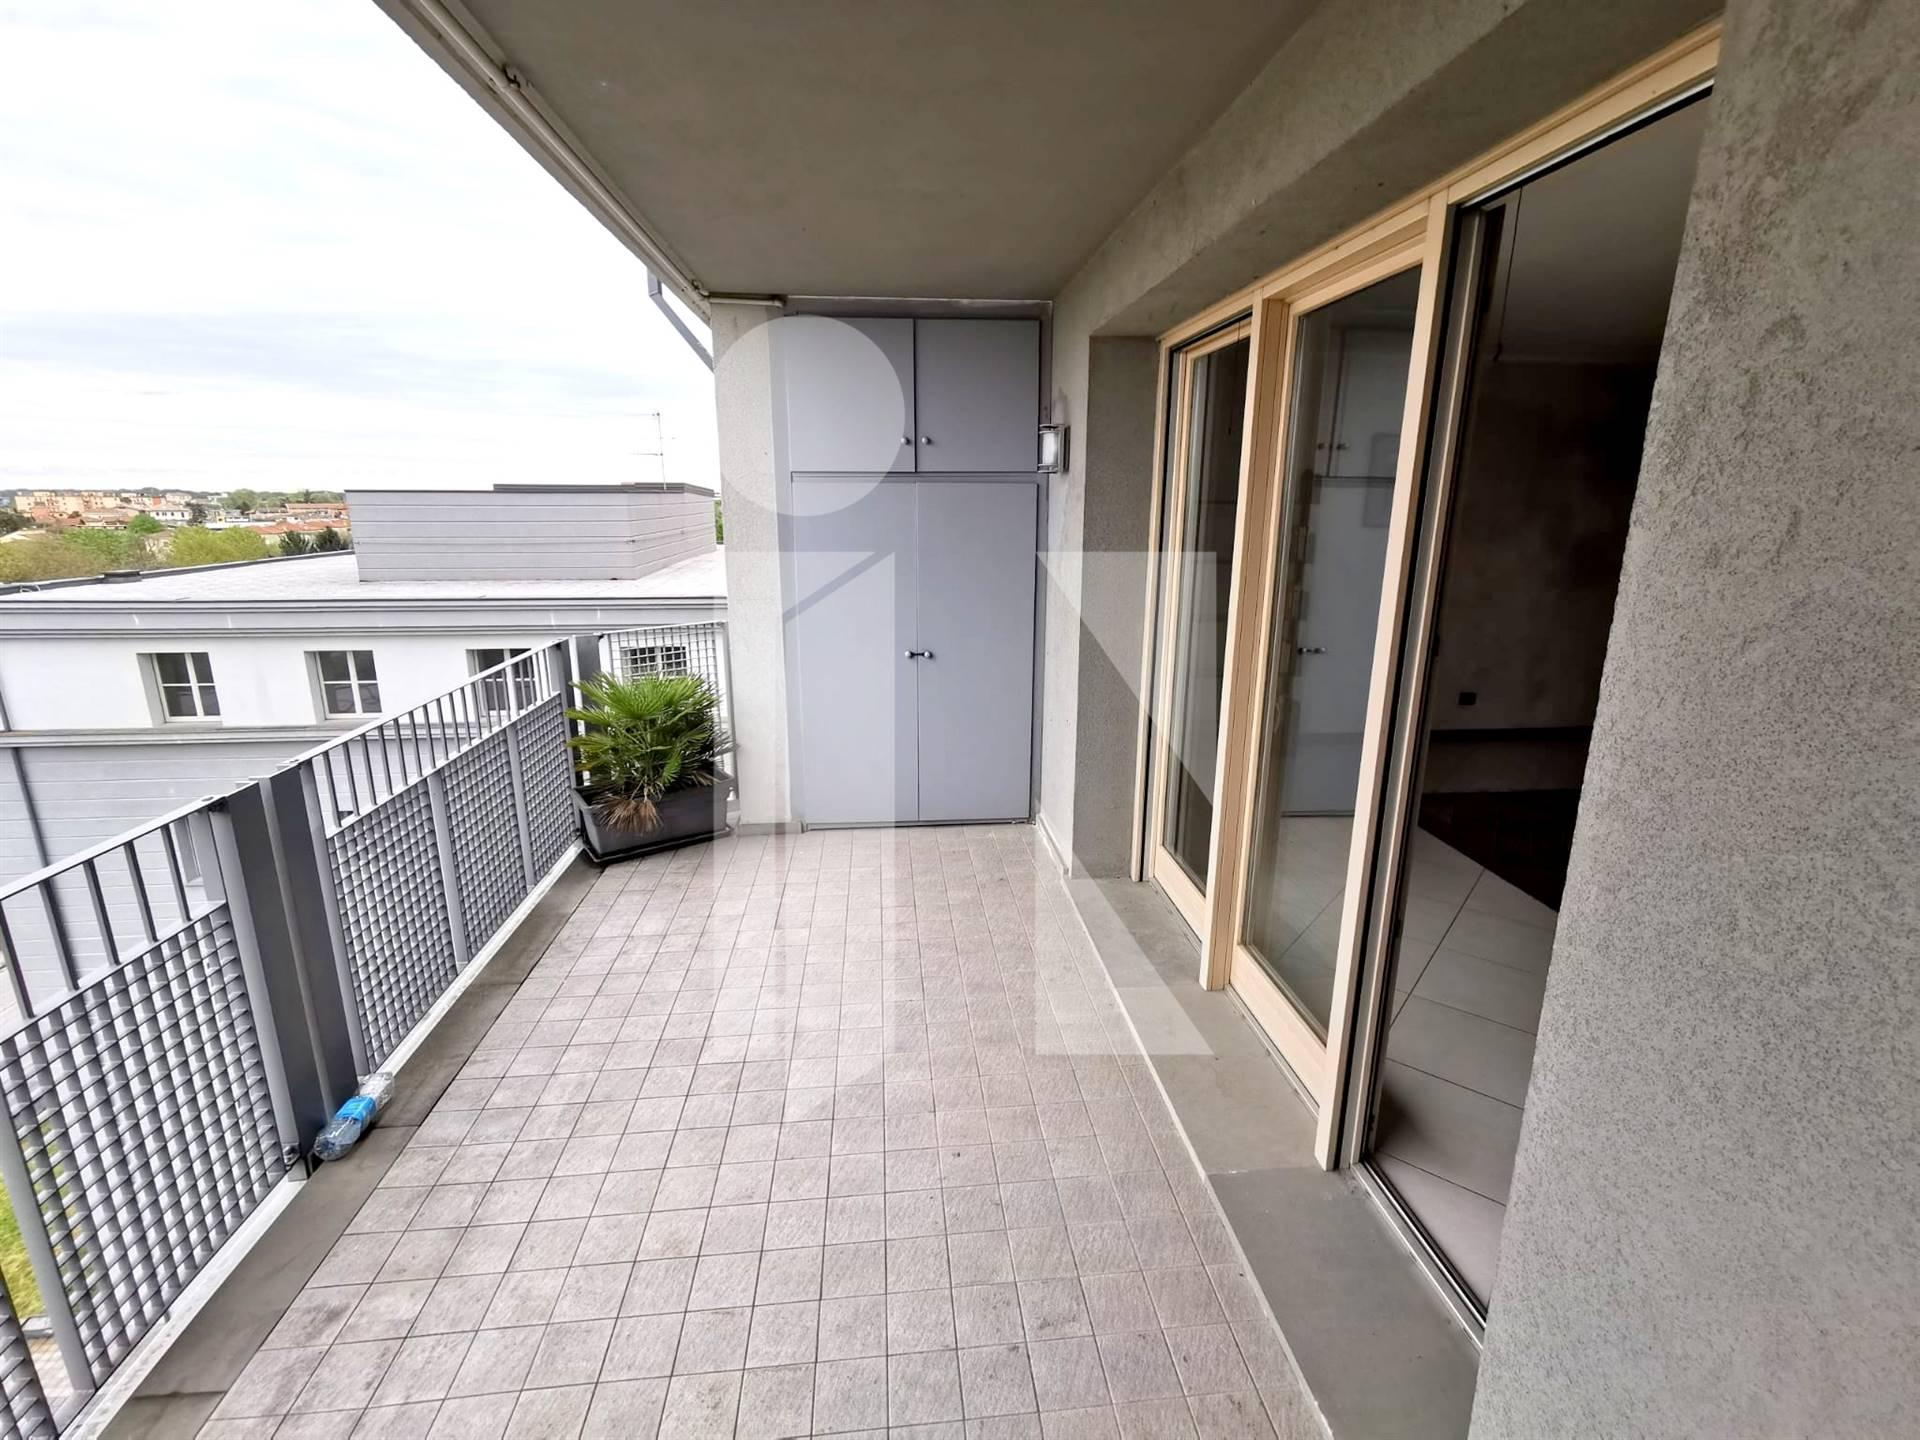 Moderno attico con terrazze